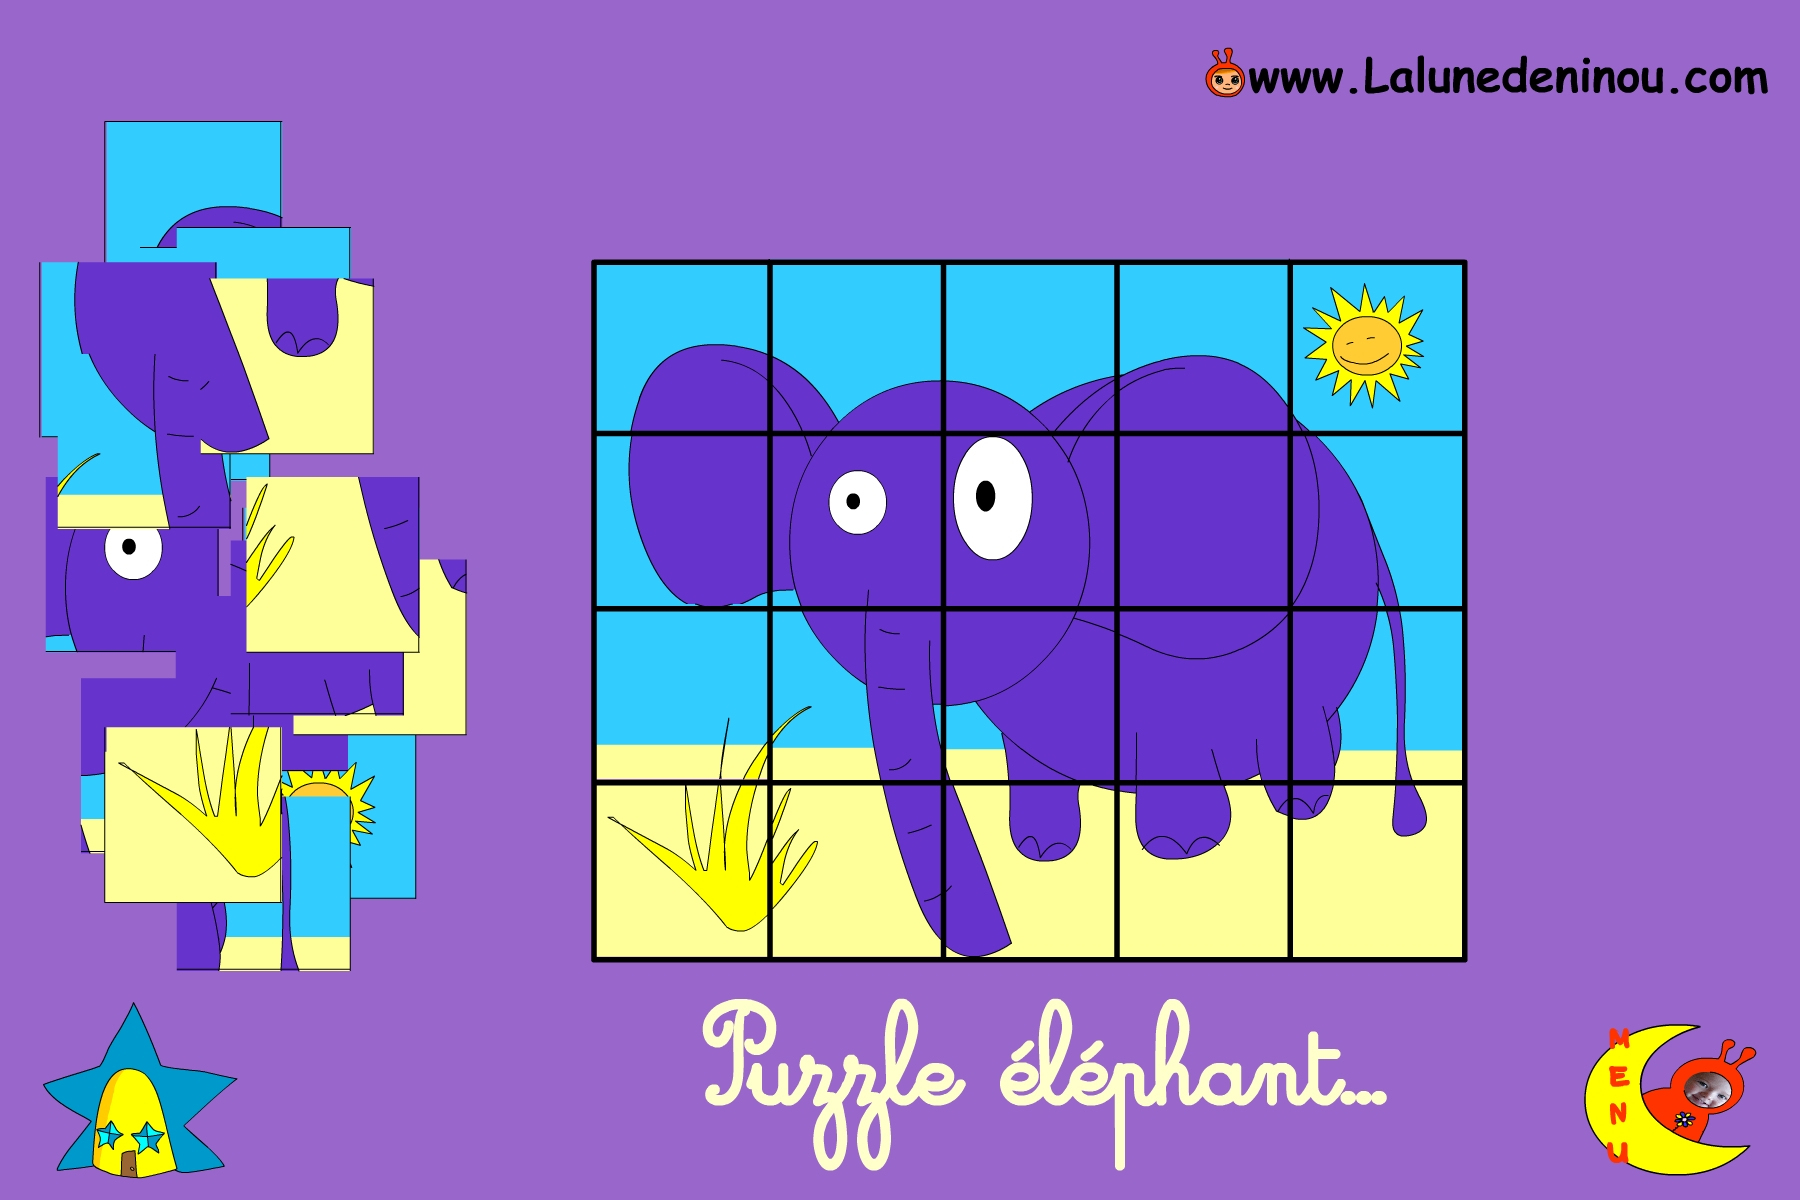 Puzzle En Ligne Pour Enfant De Maternelle - Lalunedeninou dedans Jeux Maternelle Grande Section En Ligne